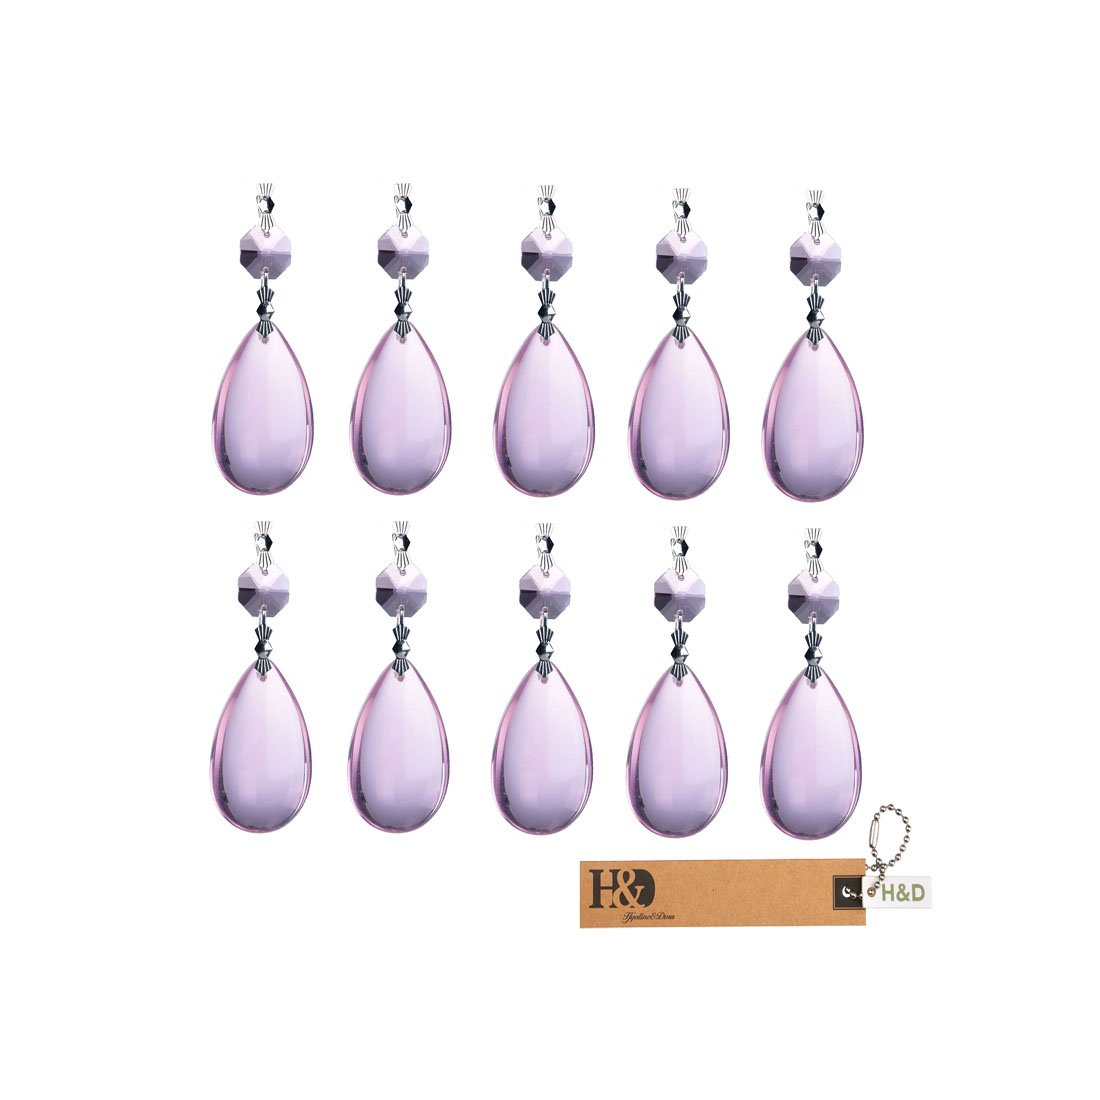 Inconnu H /& D 50/mm Gouttes de cristal Pendentif Mariage prismes de chandelier avec fermoir papillon Guirlande de No/ël Lot de 10/pcs